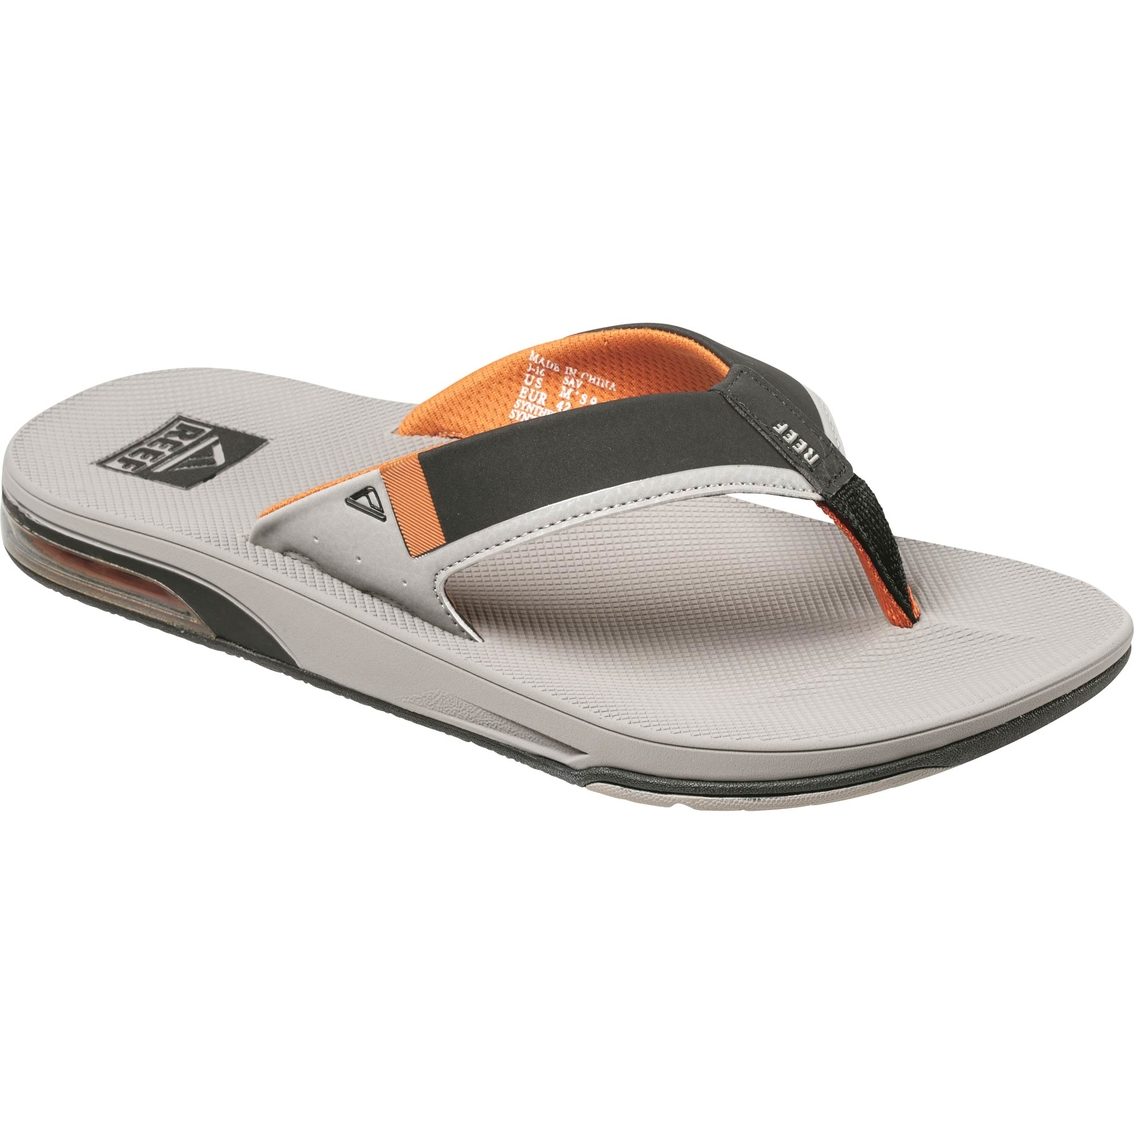 587444d0e Reef Men s Fanning Low Sandals